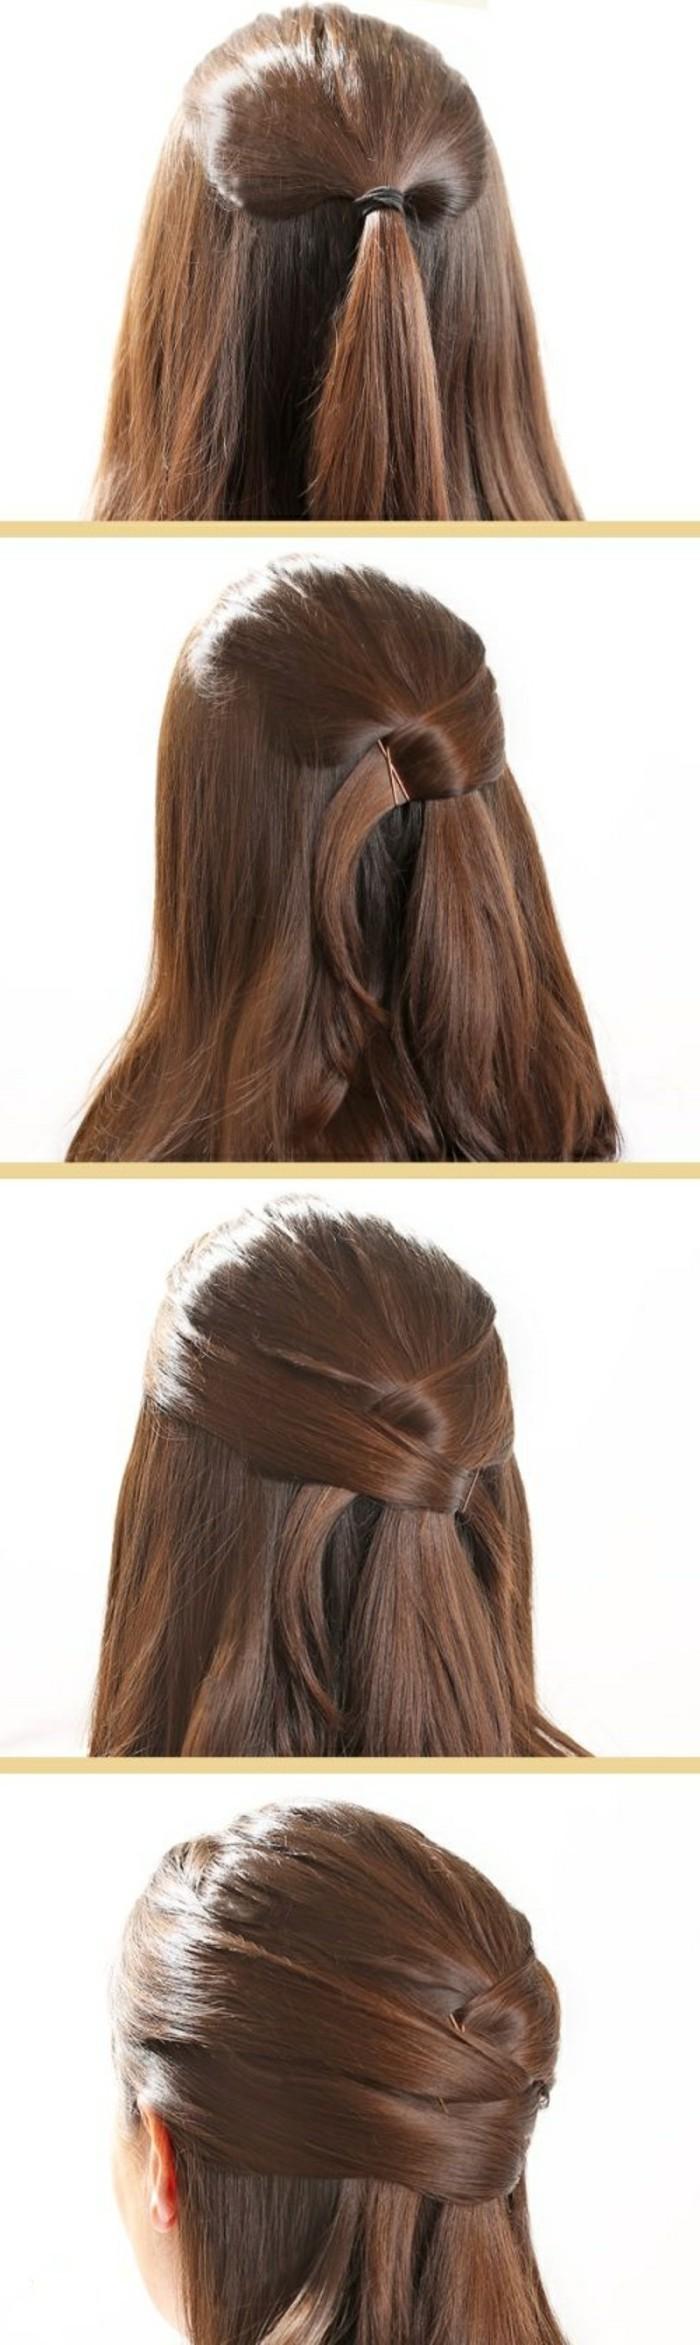 preciosas ideas de peinados faciles paso a paso, semirecogidos originales y bonitos con tutoriales